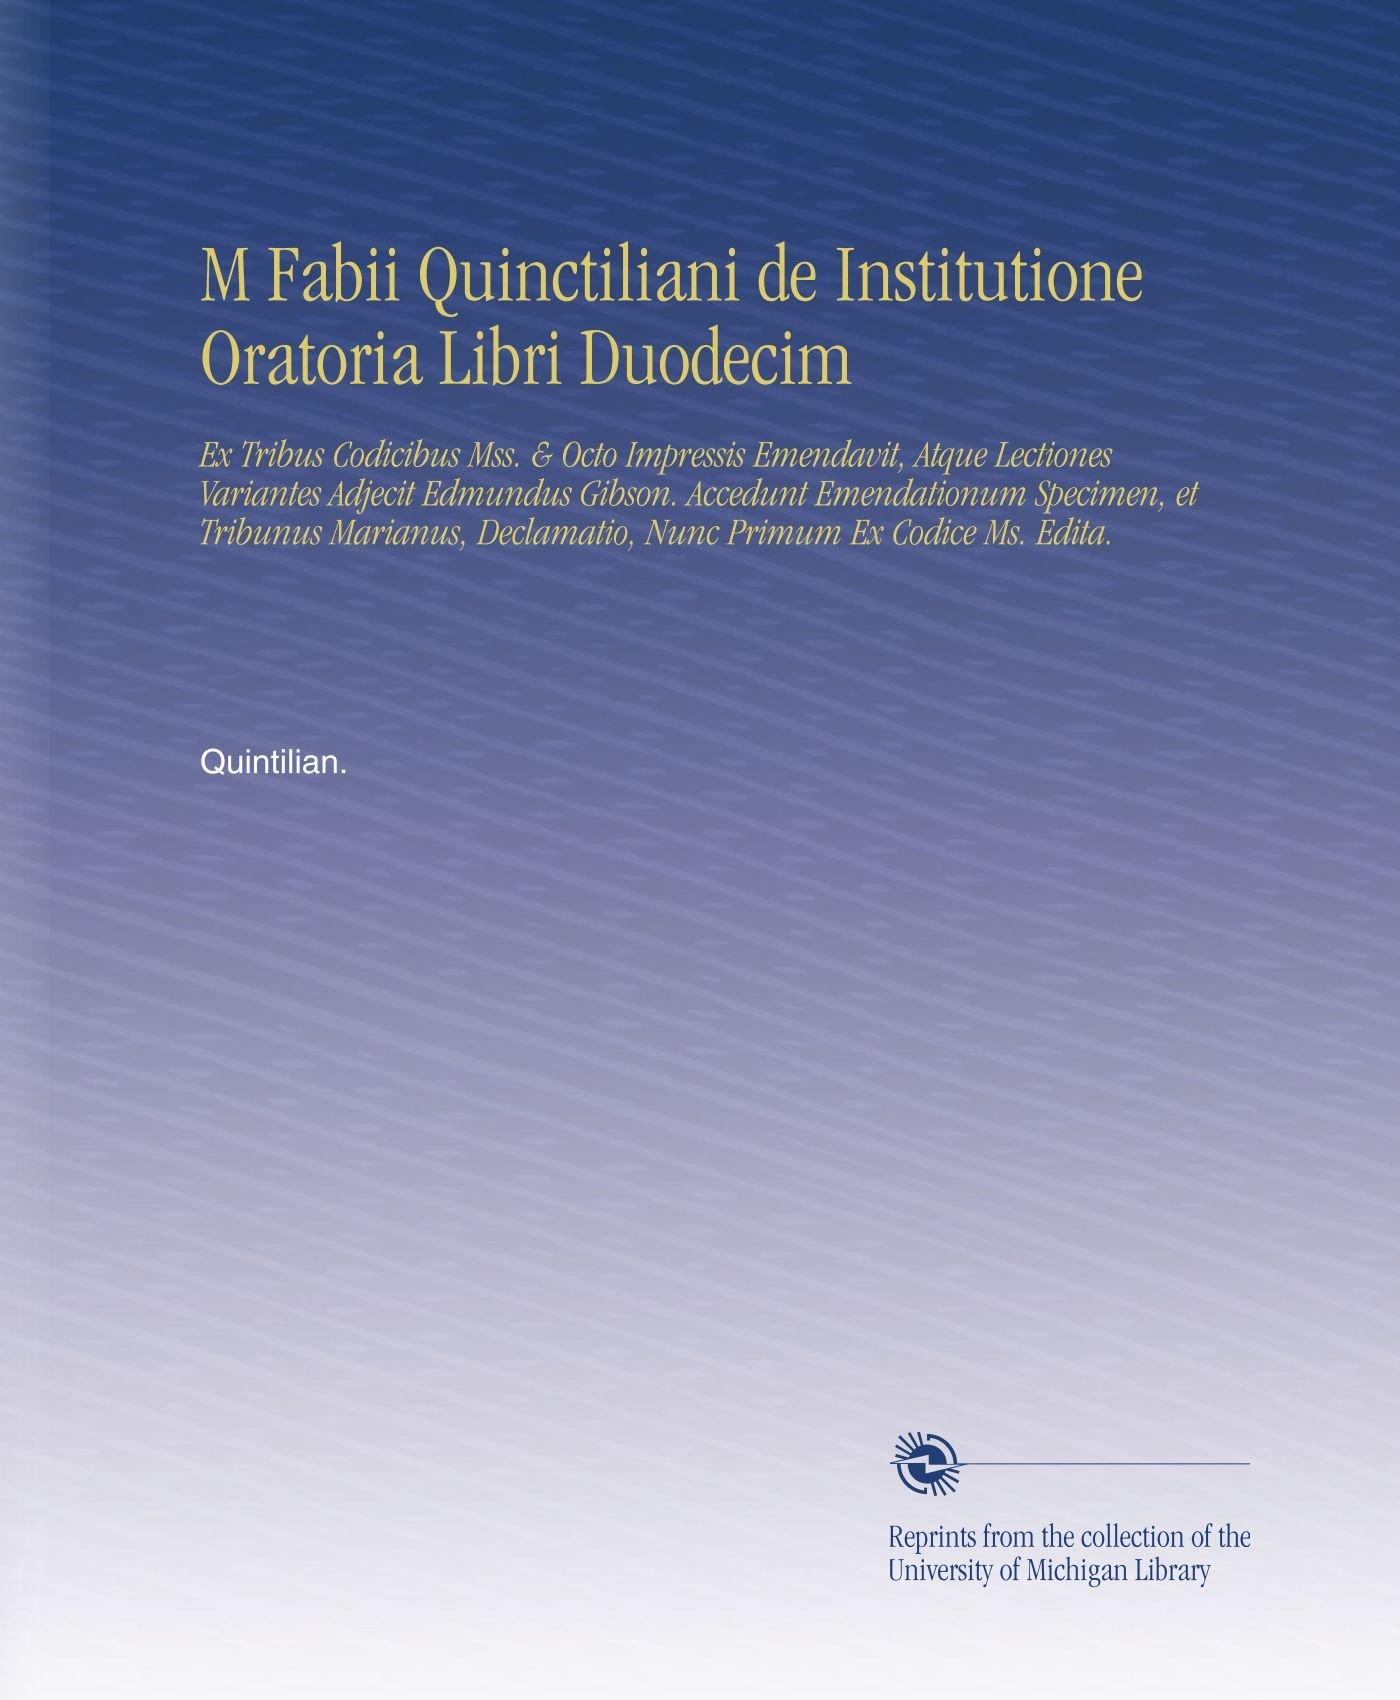 M Fabii Quinctiliani de Institutione Oratoria Libri Duodecim: Ex Tribus Codicibus Mss. & Octo Impressis Emendavit, Atque Lectiones Variantes Adjecit ... Primum Ex Codice Ms. Edita. (Latin Edition) PDF